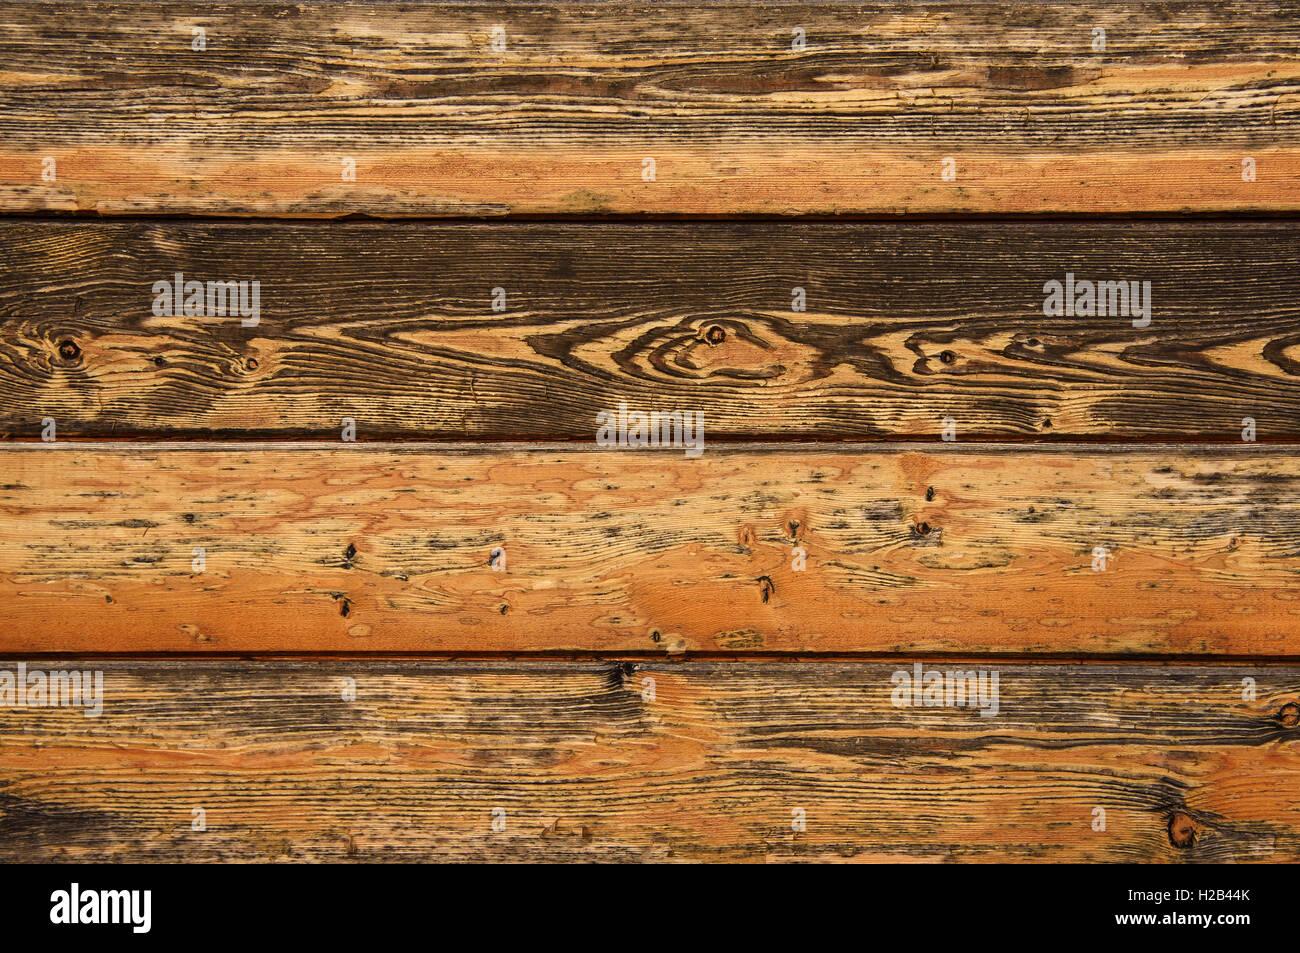 Marrón de textura de madera vieja con el nudo Imagen De Stock